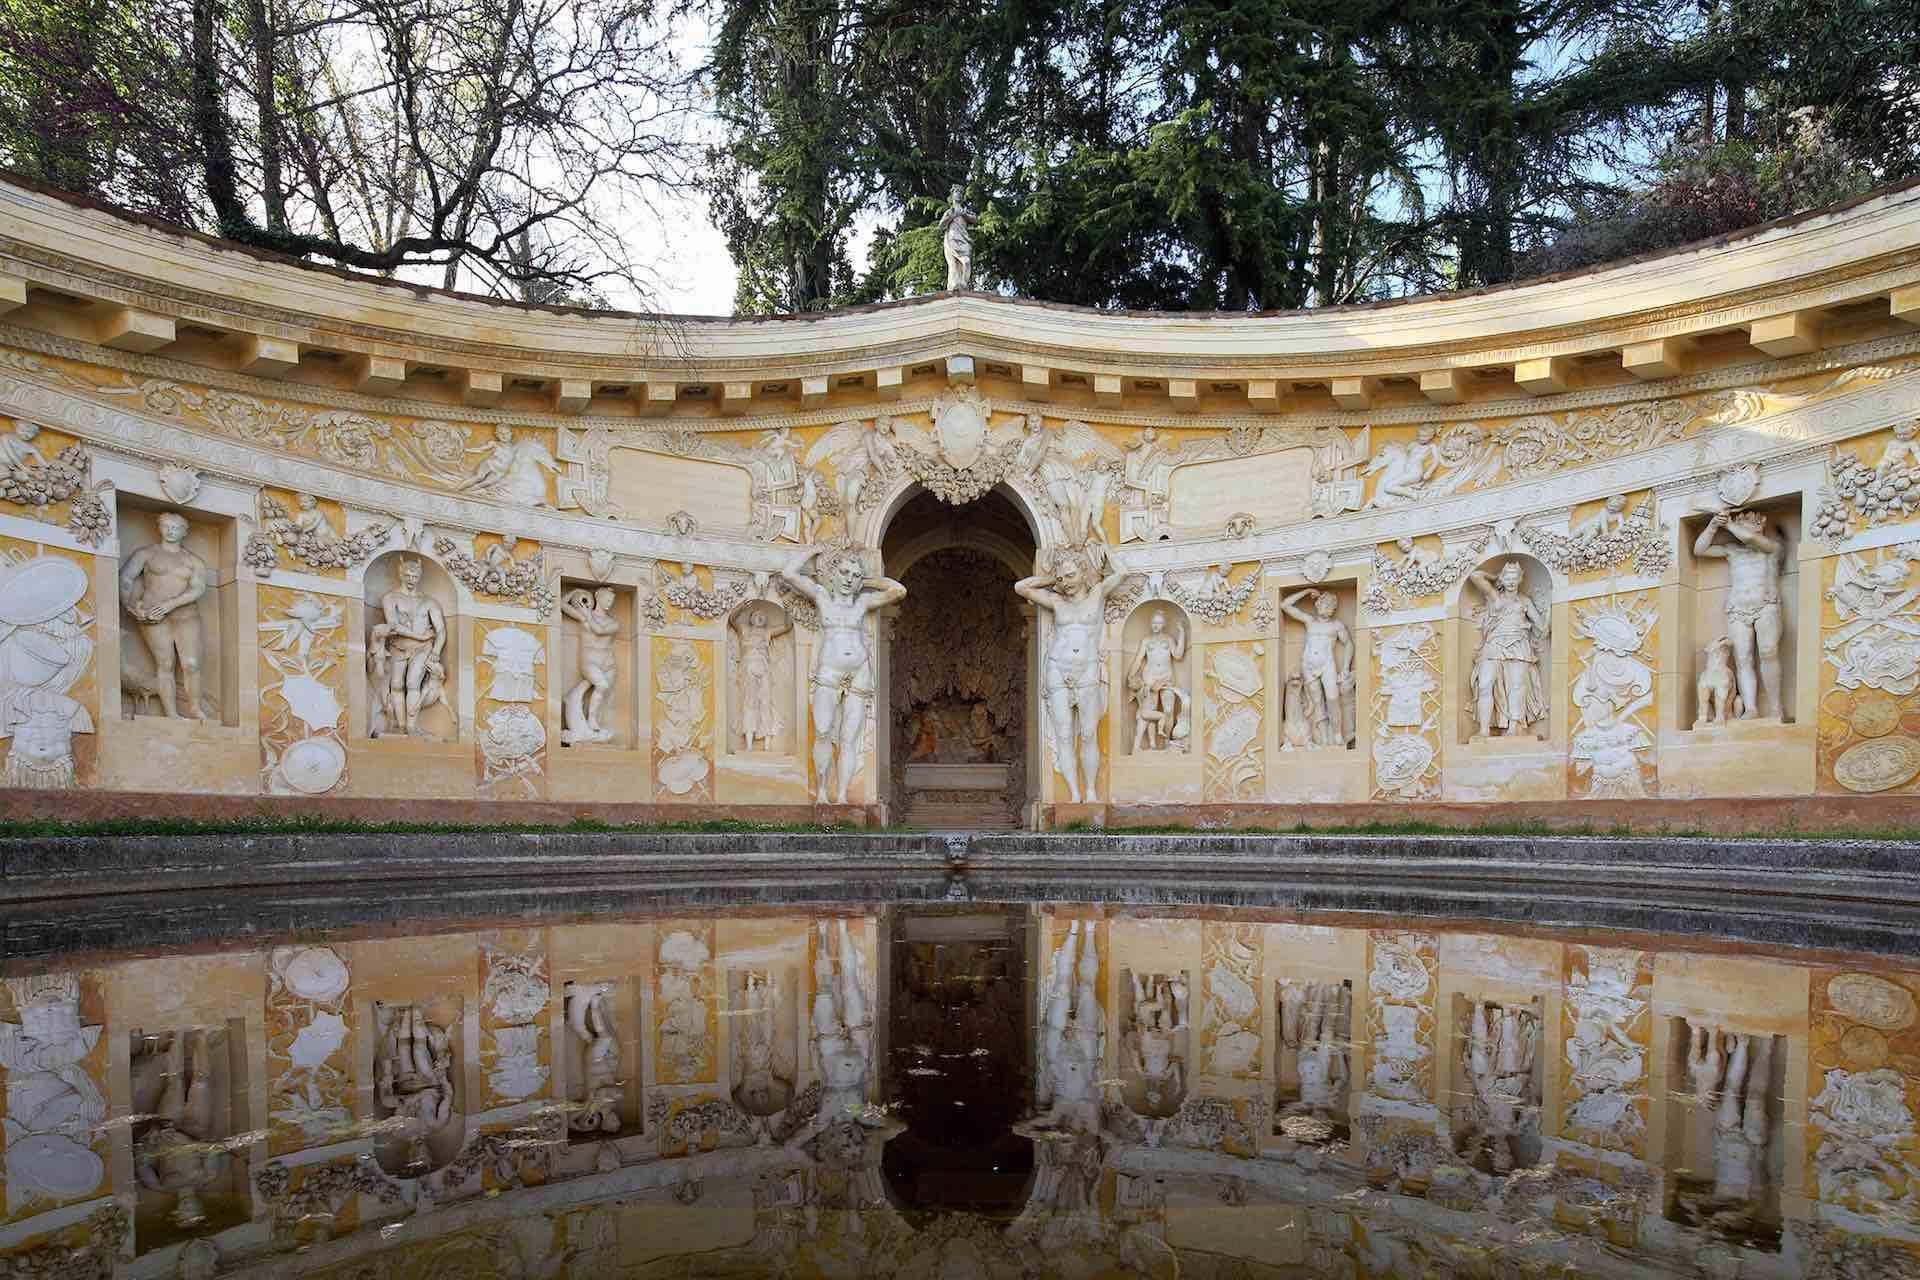 Visita Villa Barbaro o Villa di Maser in Veneto per scoprire il Genio di Palladio